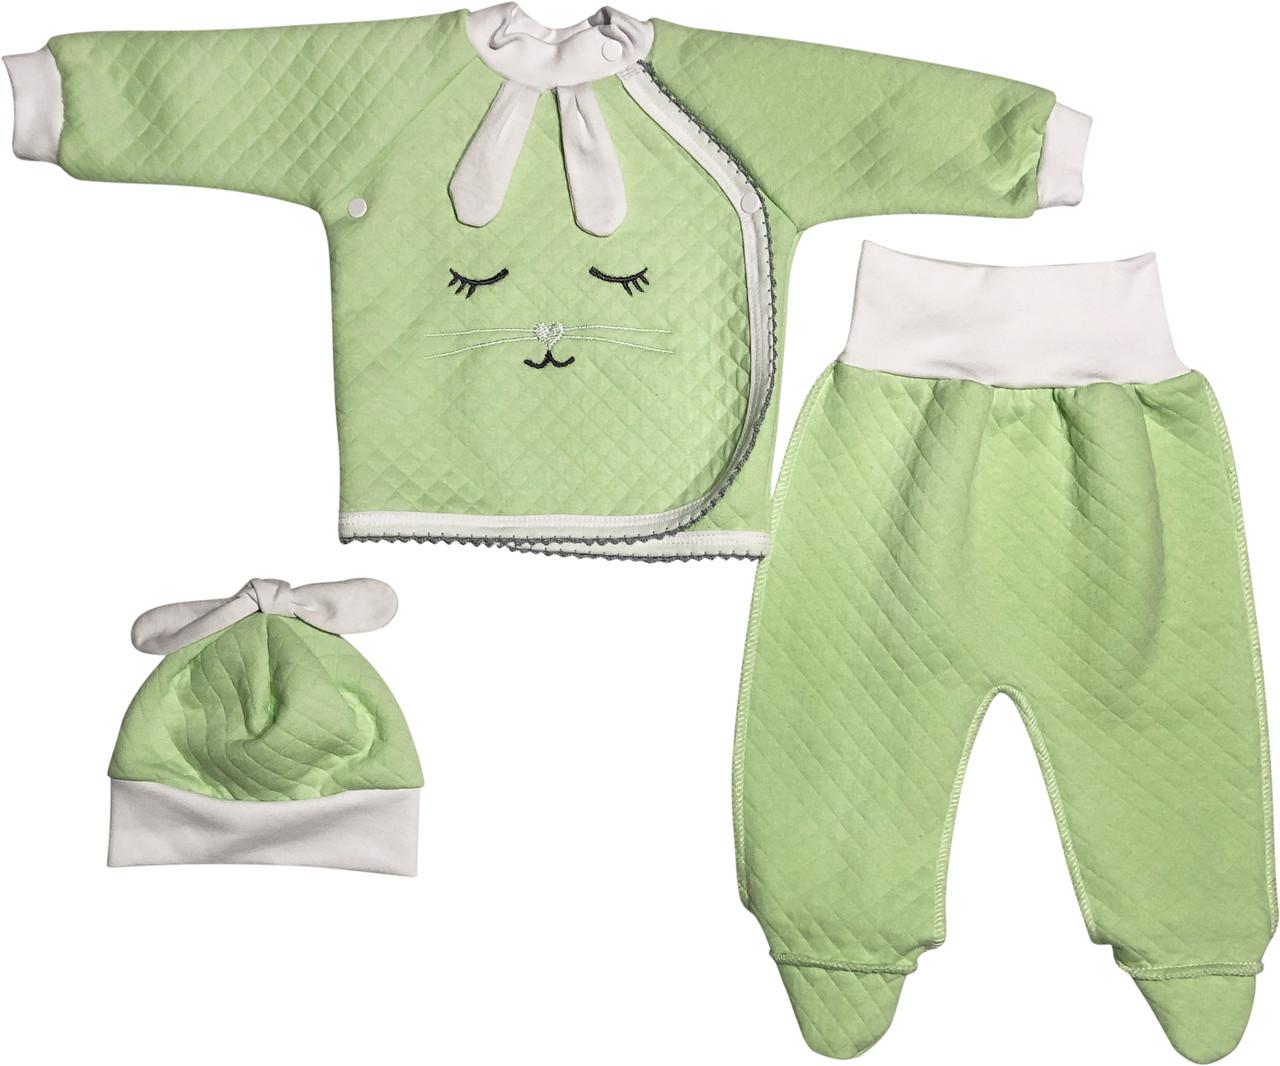 Детский костюм рост 62 2-3 мес трикотажный капитон салатовый костюмчик на мальчика девочку комплект для новорожденных малышей С986